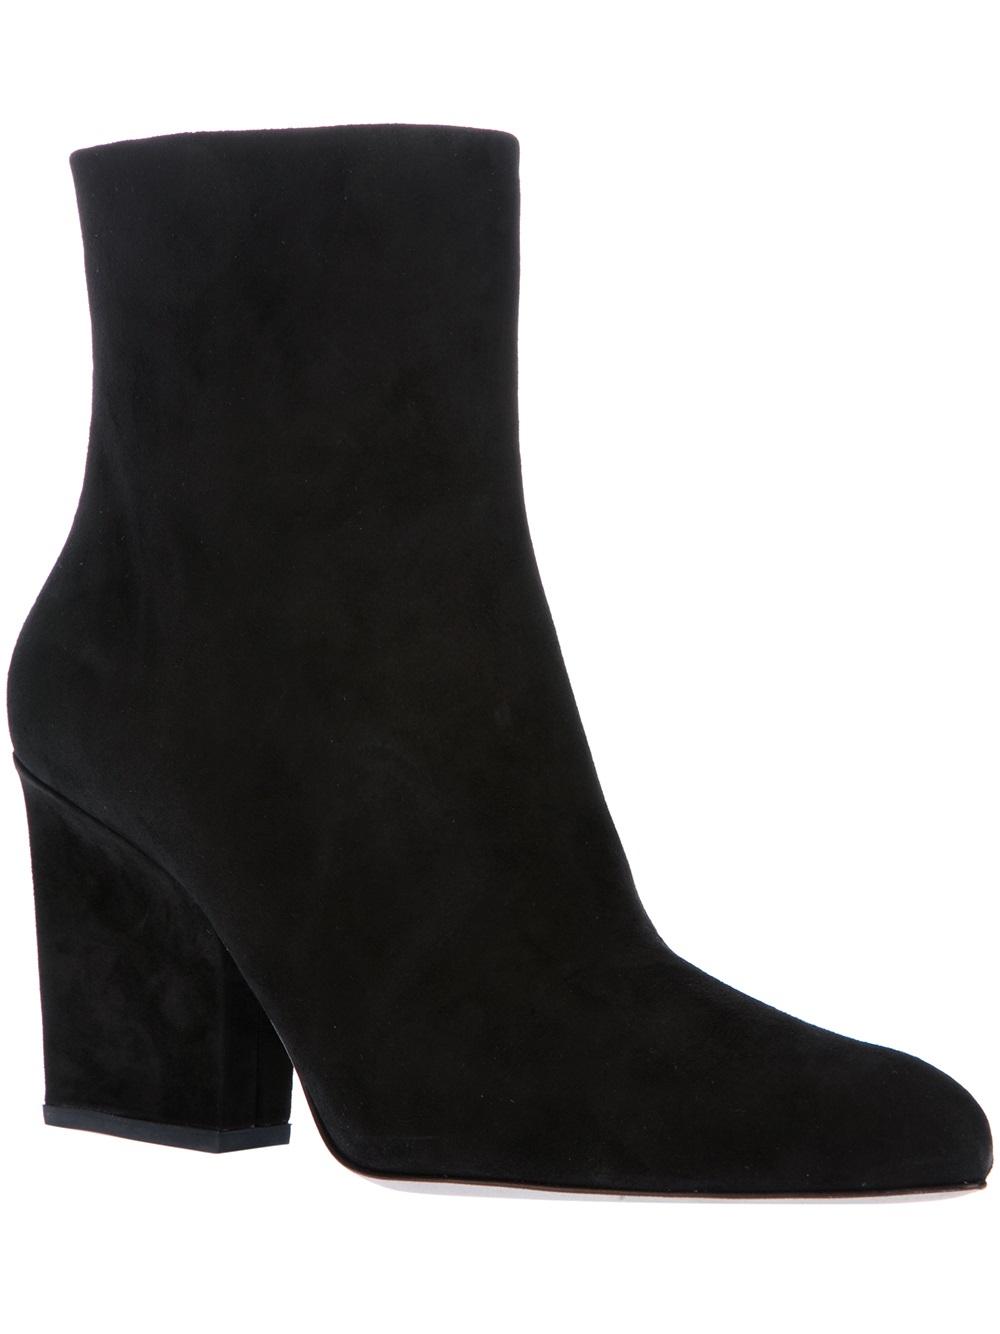 303f0b2e43e5 Lyst - Alexander Wang Sunniva Ankle Boot in Black